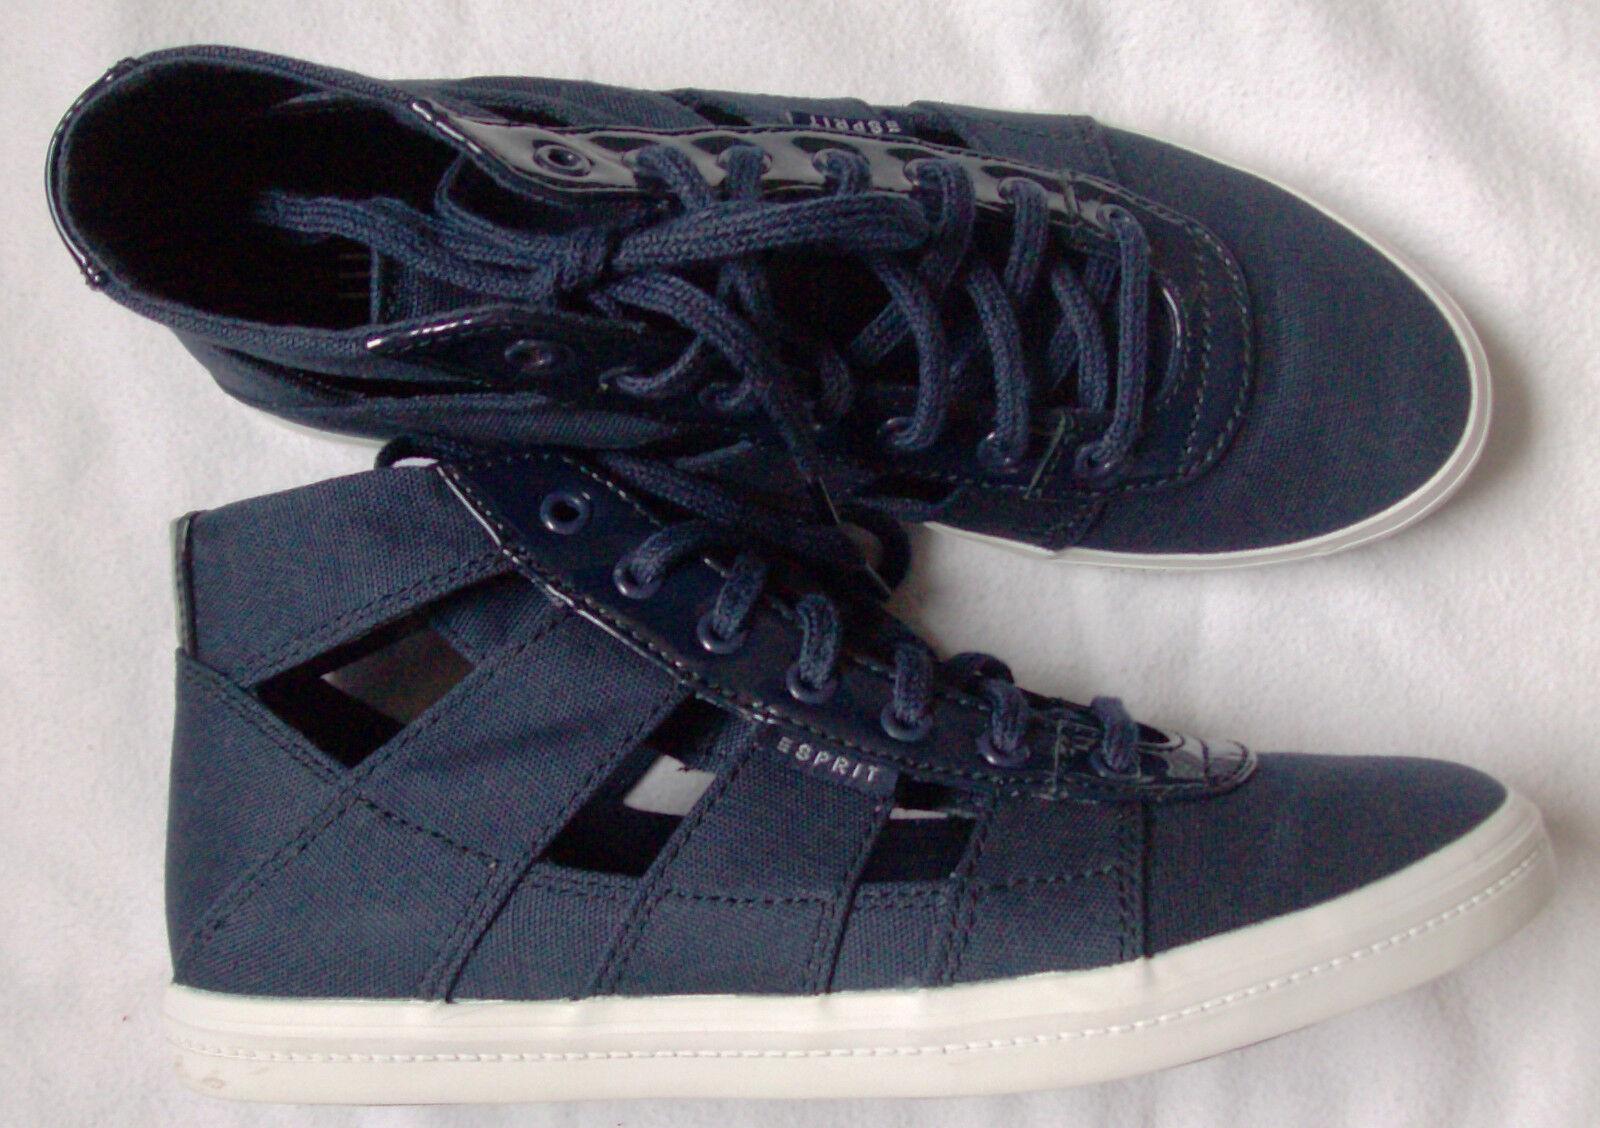 Esprit Sommer-Sneaker - Gr. 3 8- dunkelblau - N E U + O V P